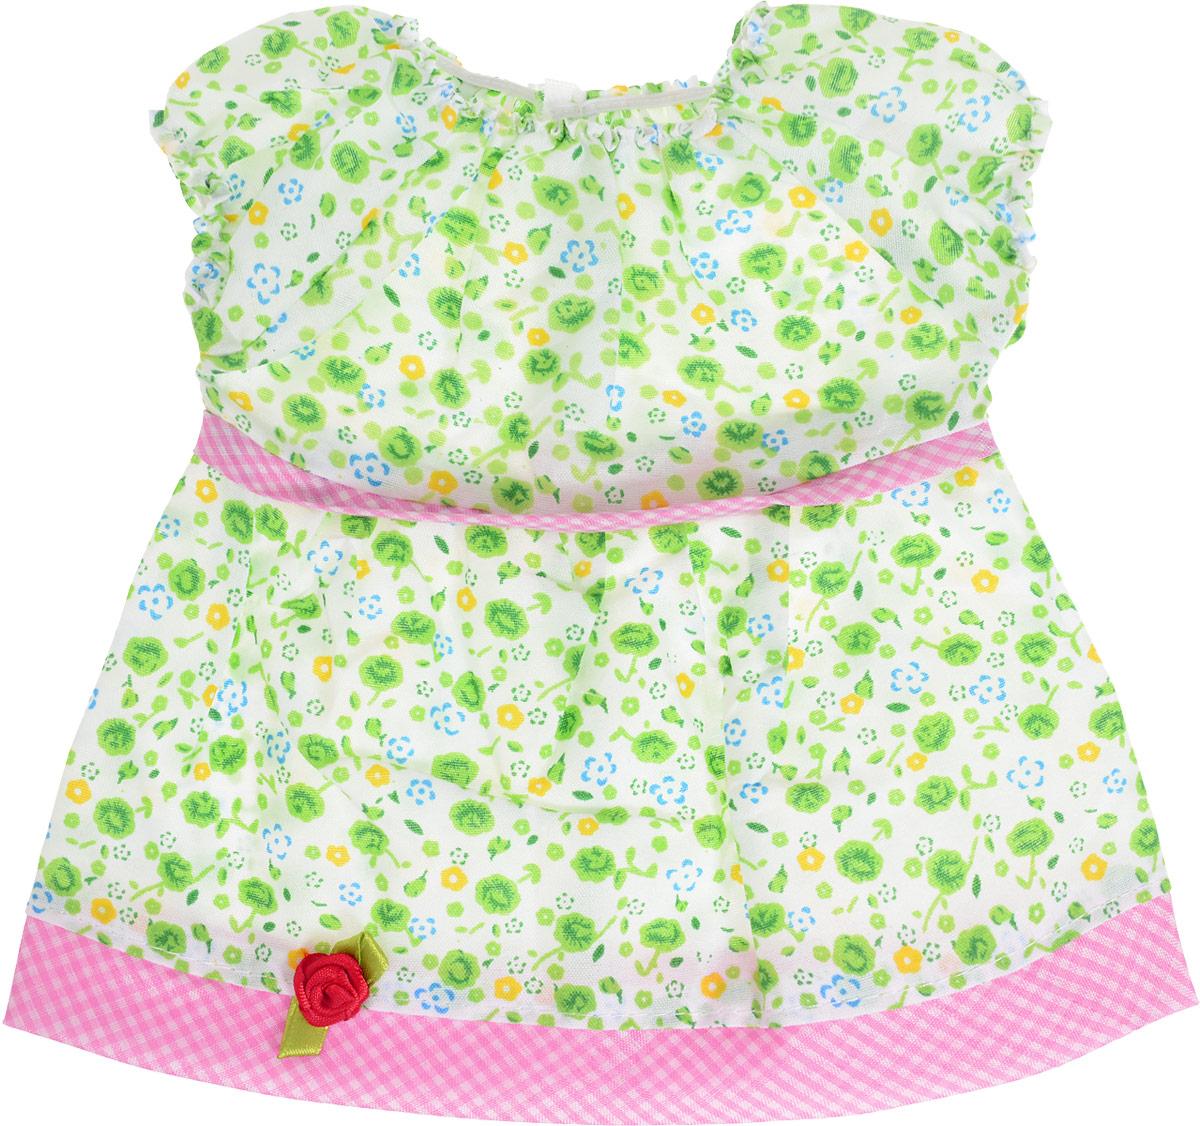 Junfa Toys Одежда для кукол Платье цвет белый салатовый